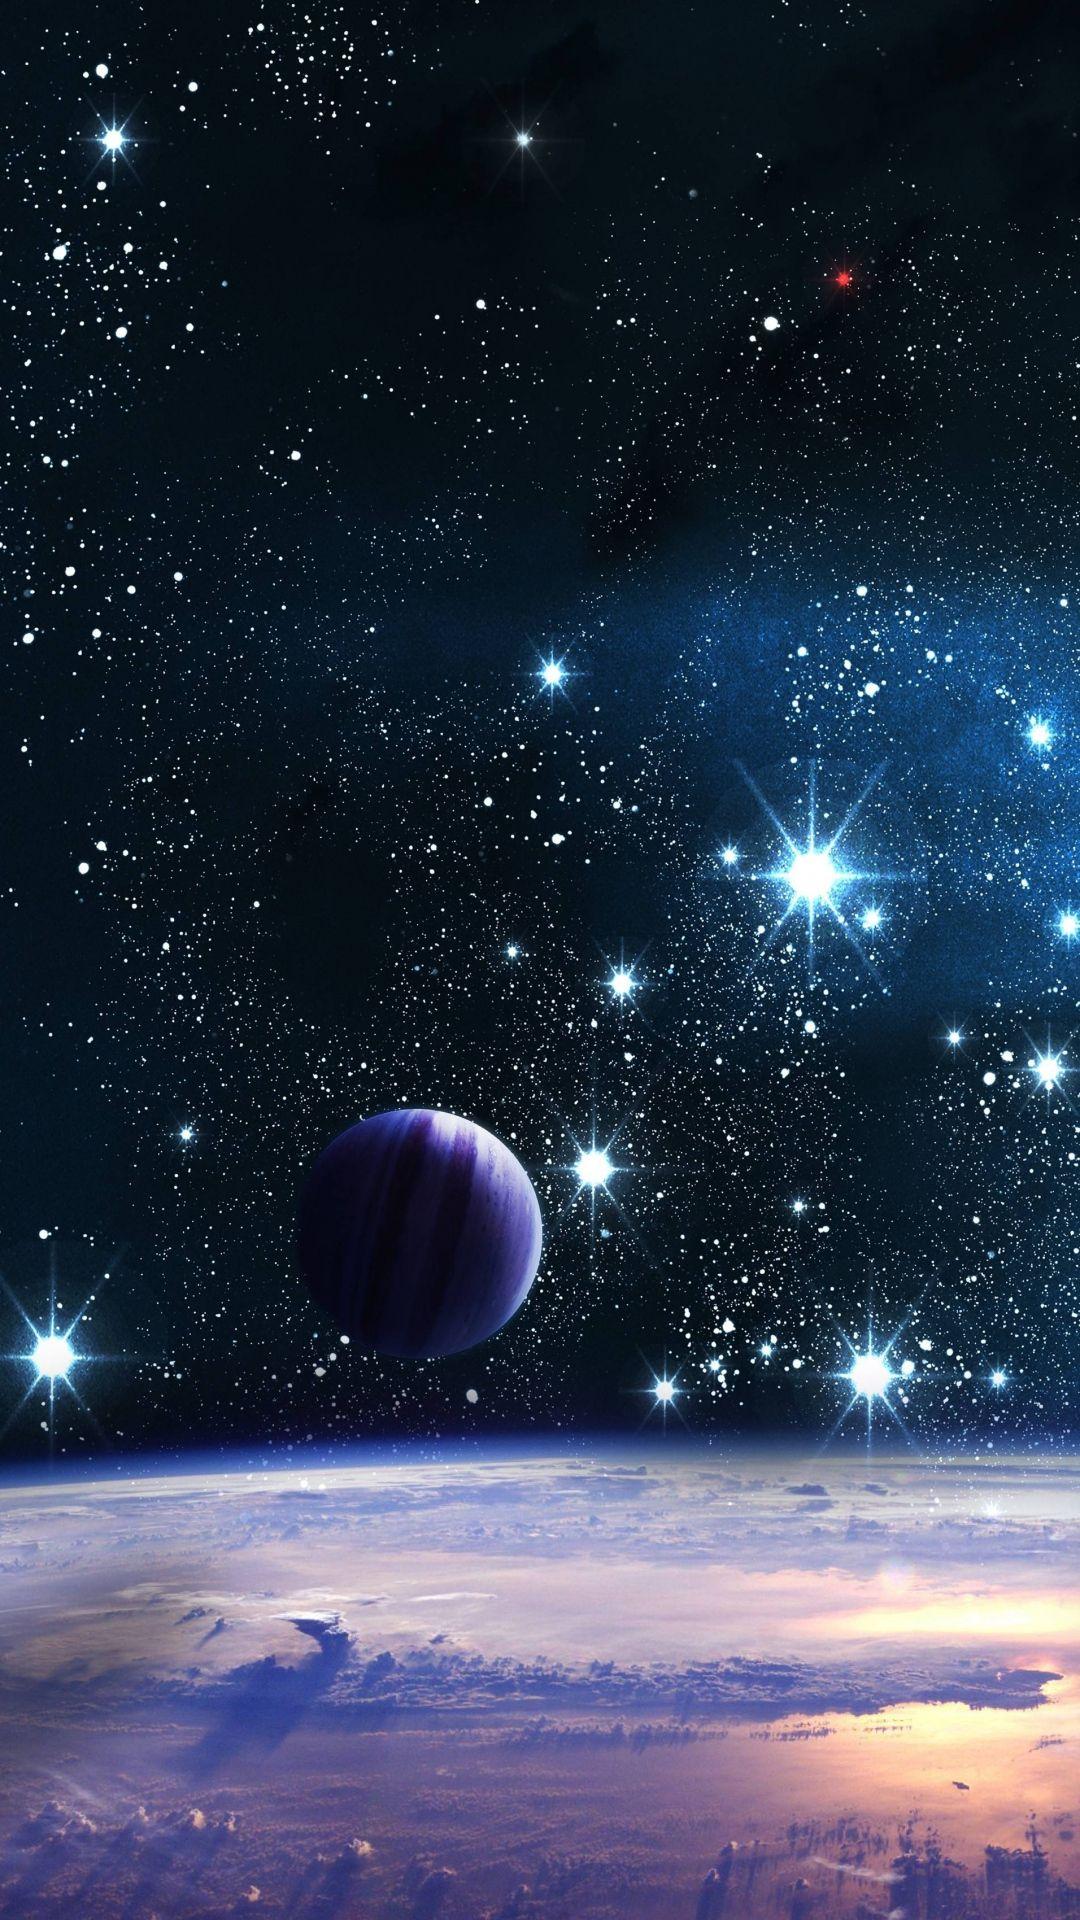 Download Wallpaper 1080x1920 Space Stars Planets Shine Sony Xperia Z1 Zl Z Samsung Galaxy S4 Htc One Galaxy Wallpaper Planets Wallpaper Wallpaper Space